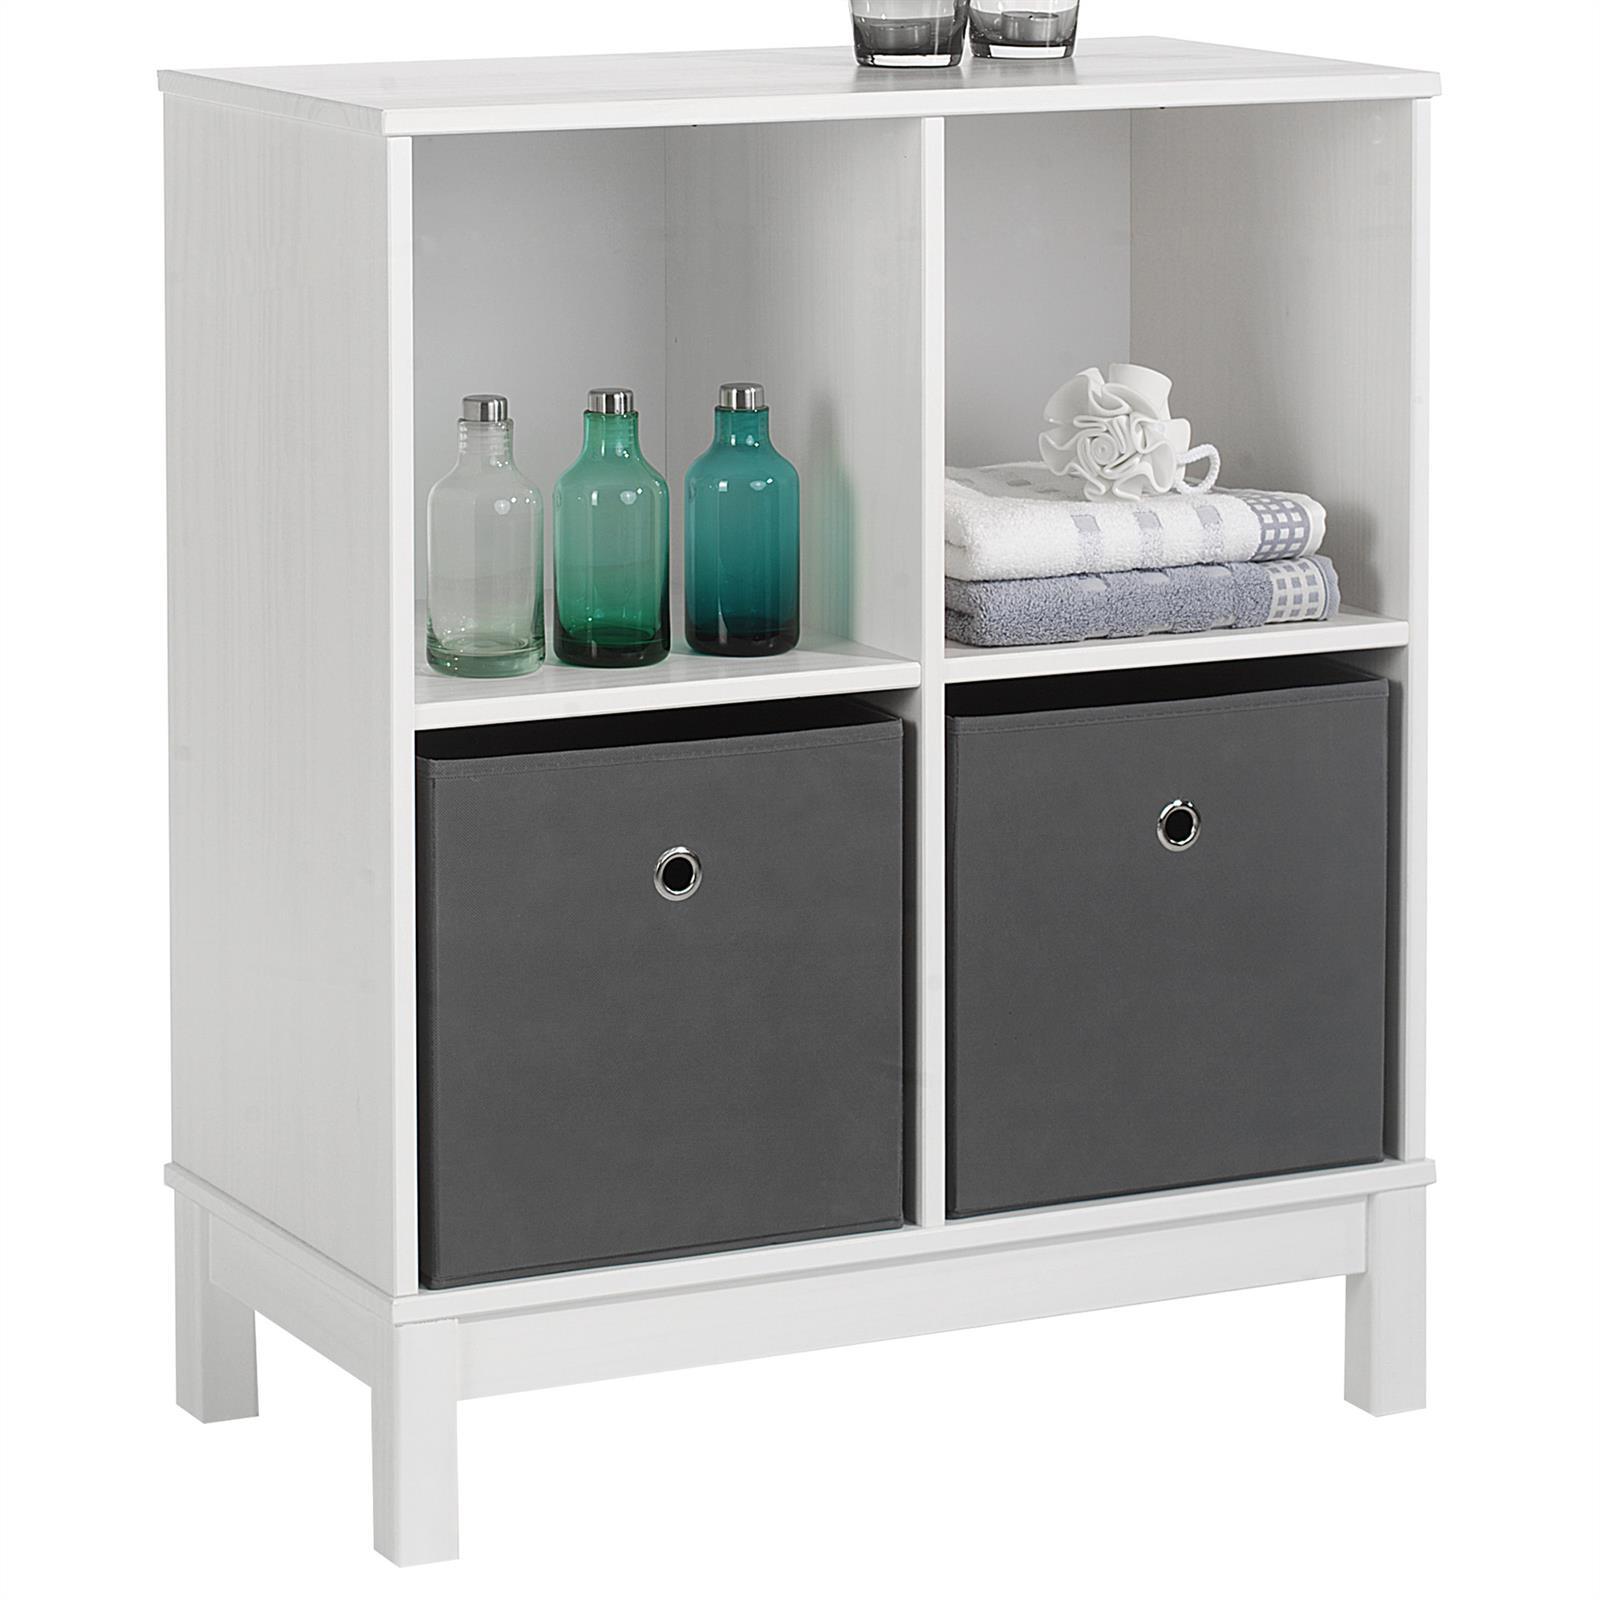 regal standregal logo 4 f cher kiefer wei mobilia24. Black Bedroom Furniture Sets. Home Design Ideas